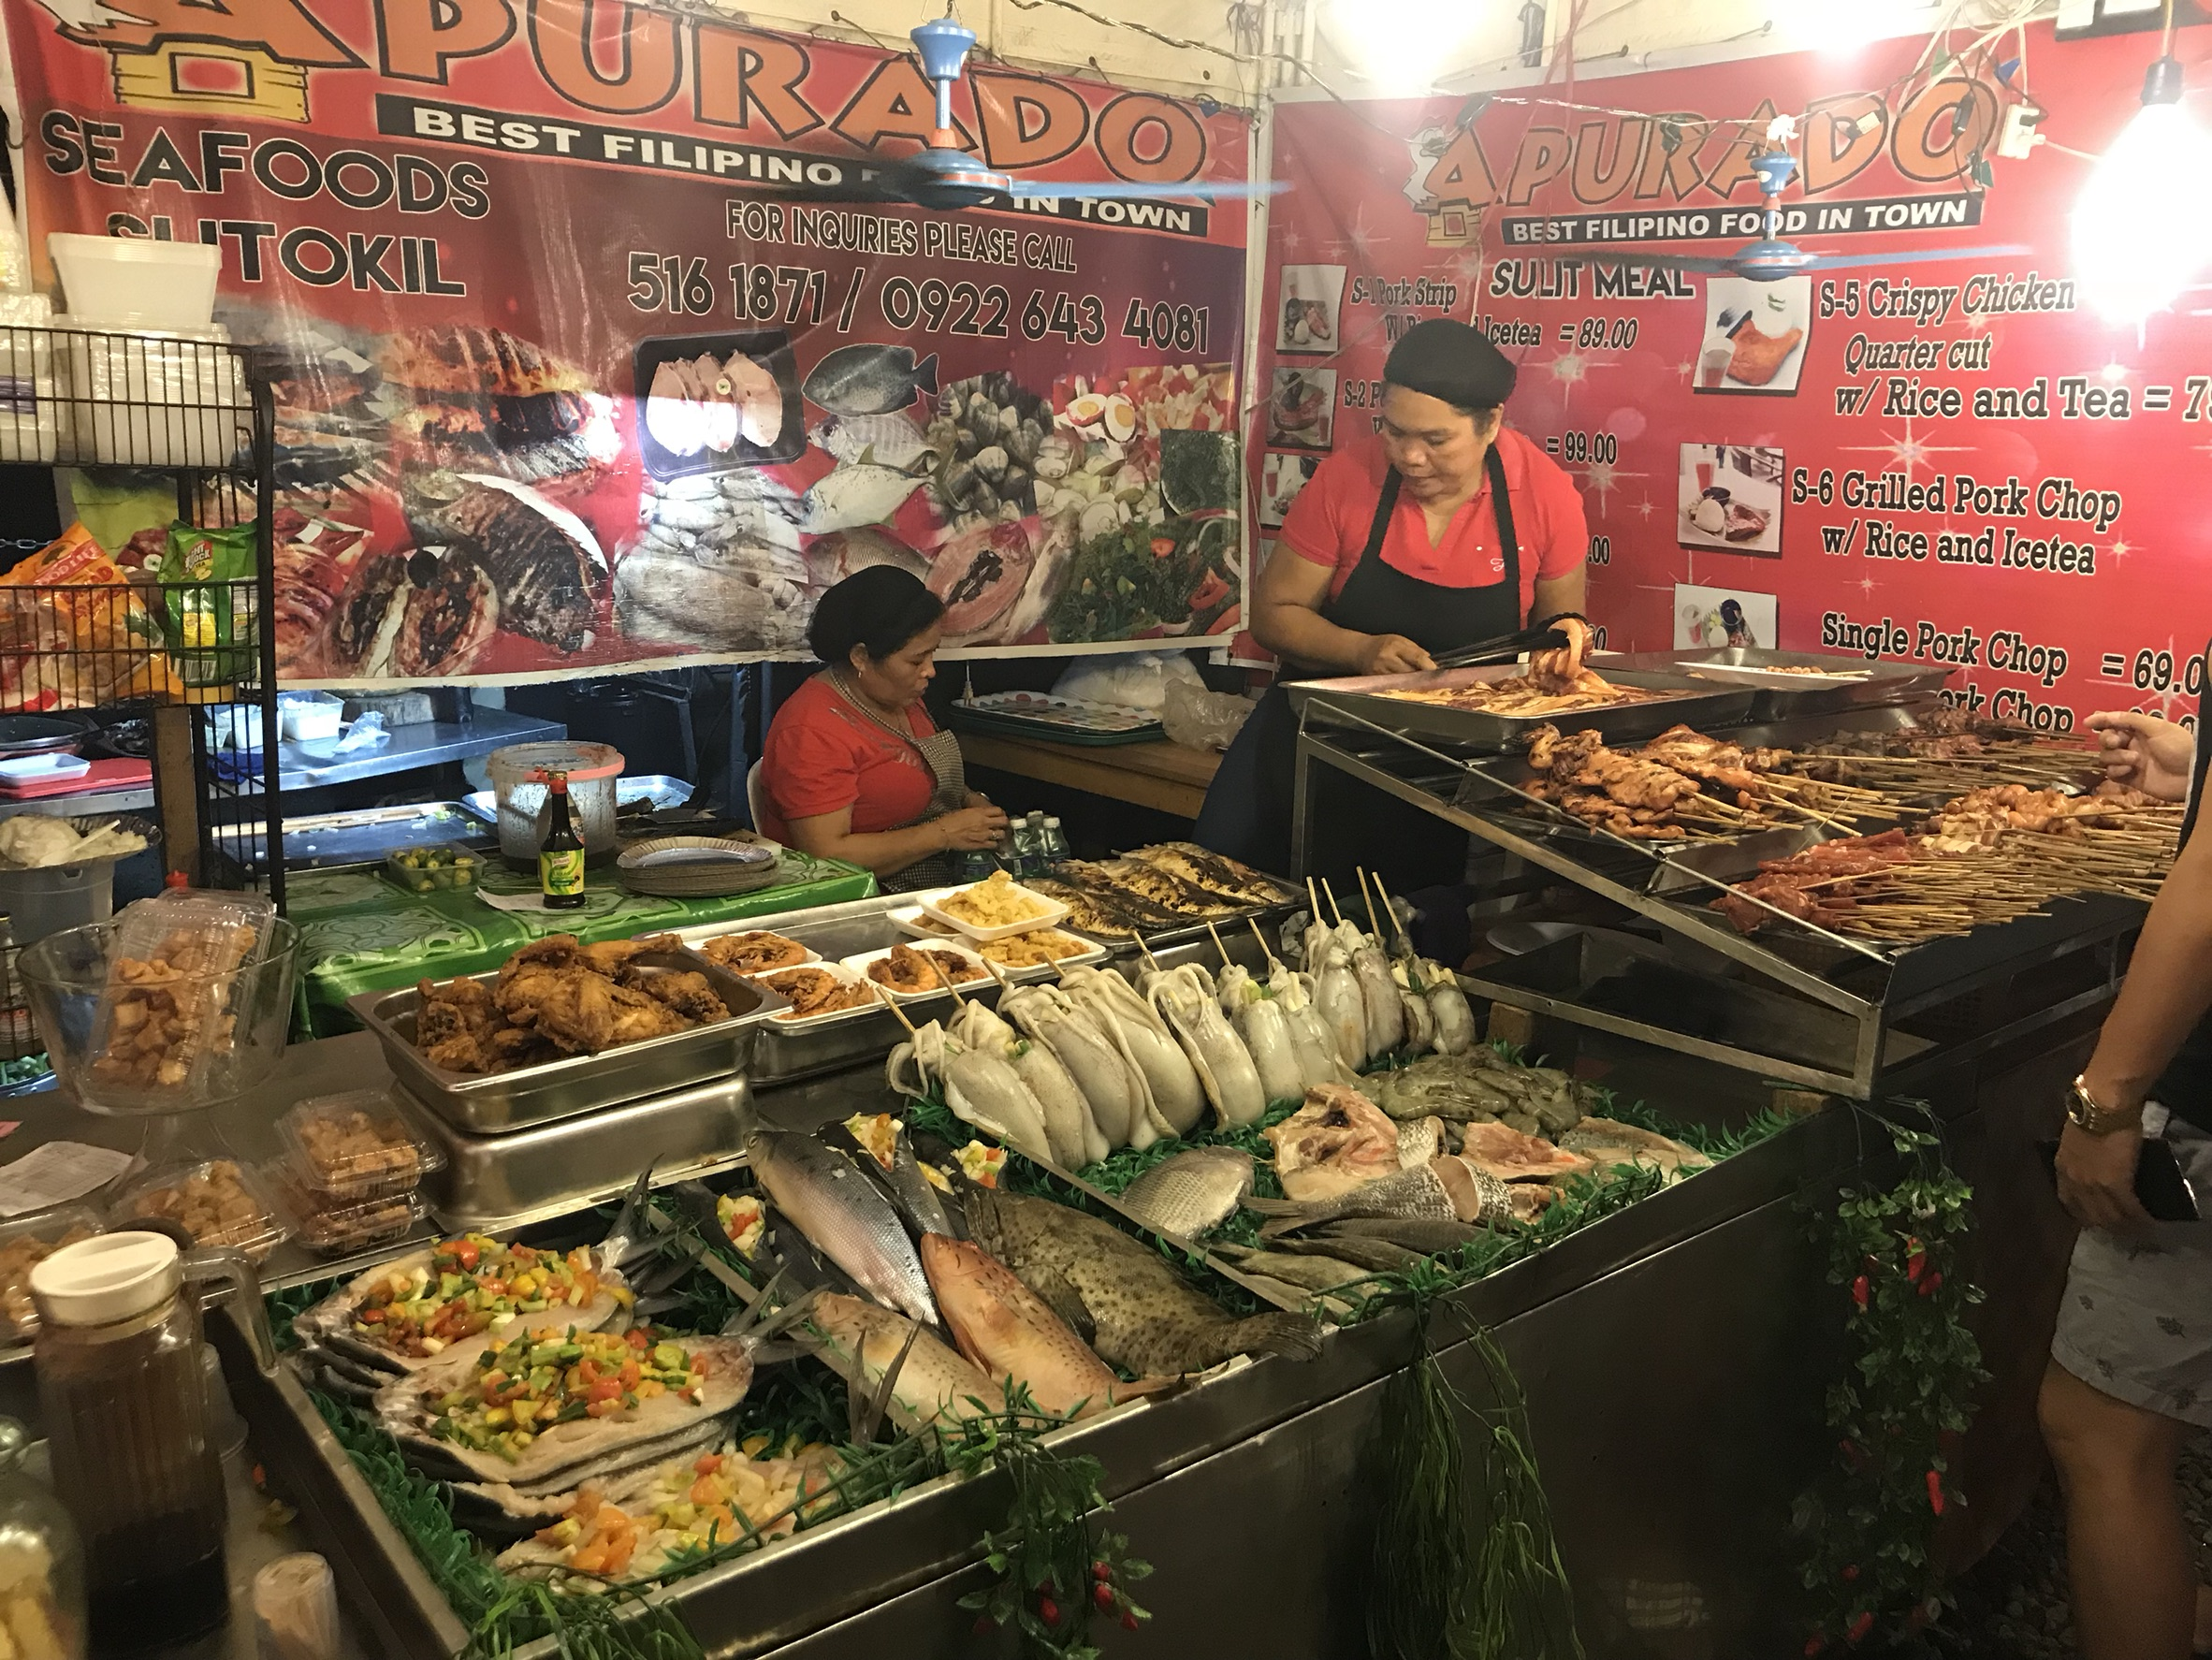 セブ島で人気のナイトマーケット「SUGBO MERCADO」